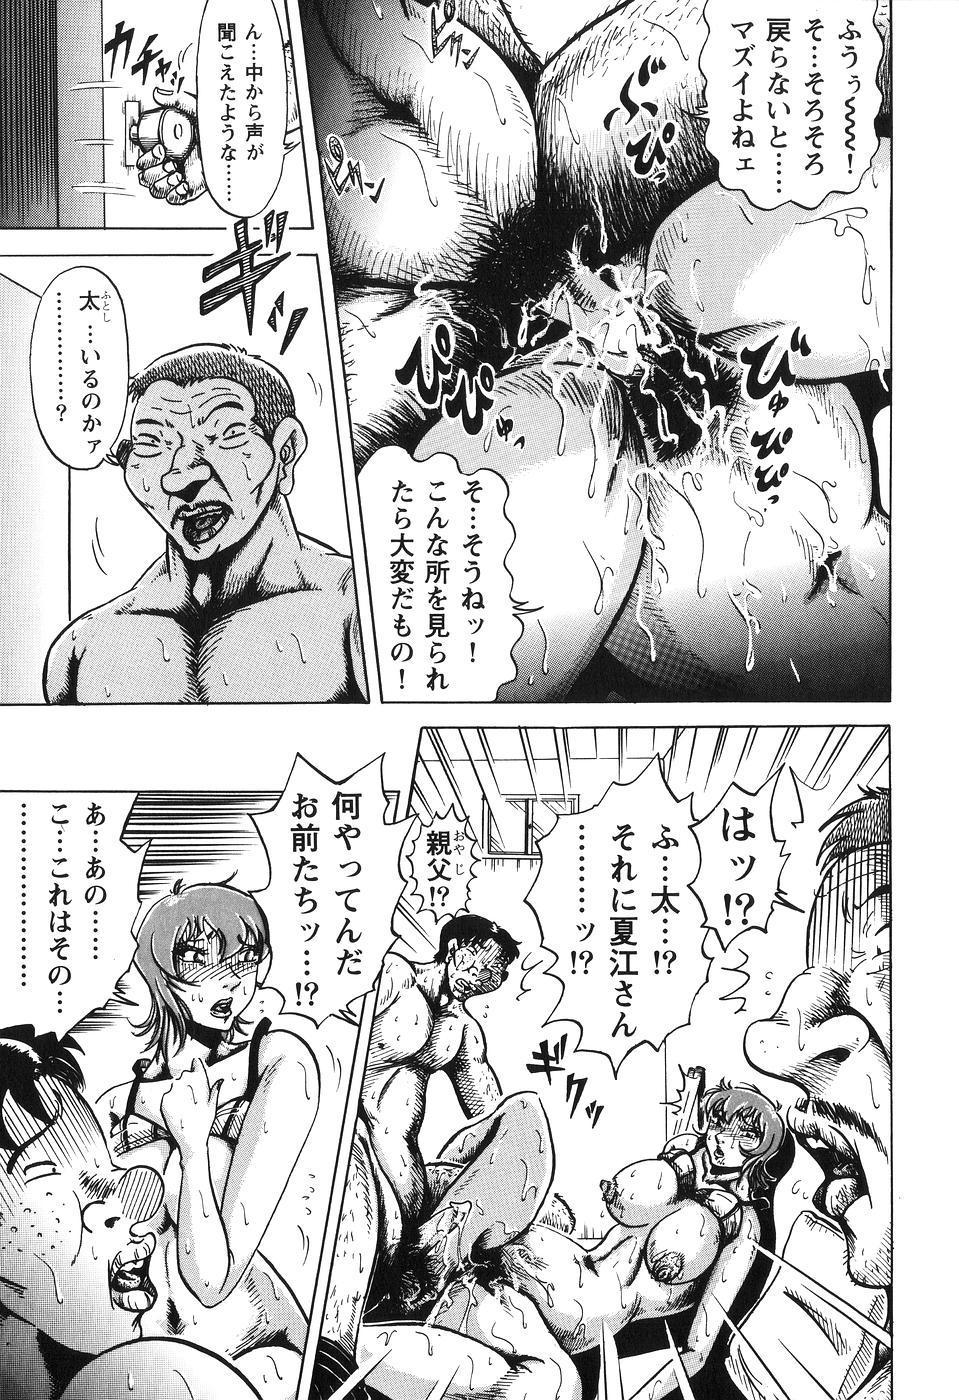 Jukubo Soukan Yosoji no Tawamure 36